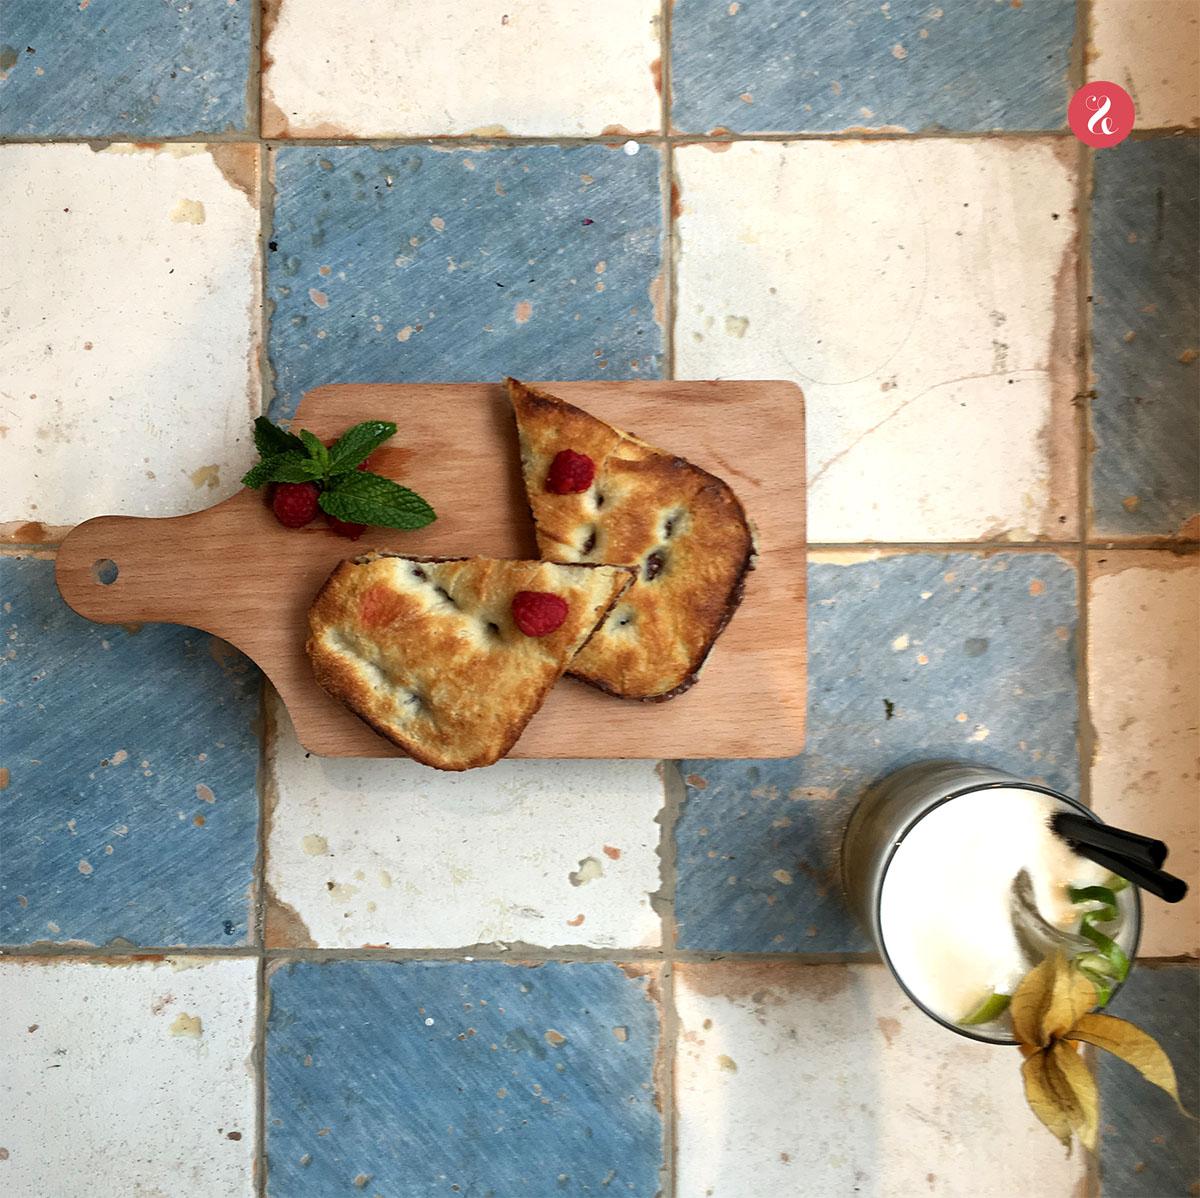 El dúo dinámico de Limone: focaccias -saladas y dulces, como esta de Nutella- o 'bocconcini' -tapas italianas- + coctelería